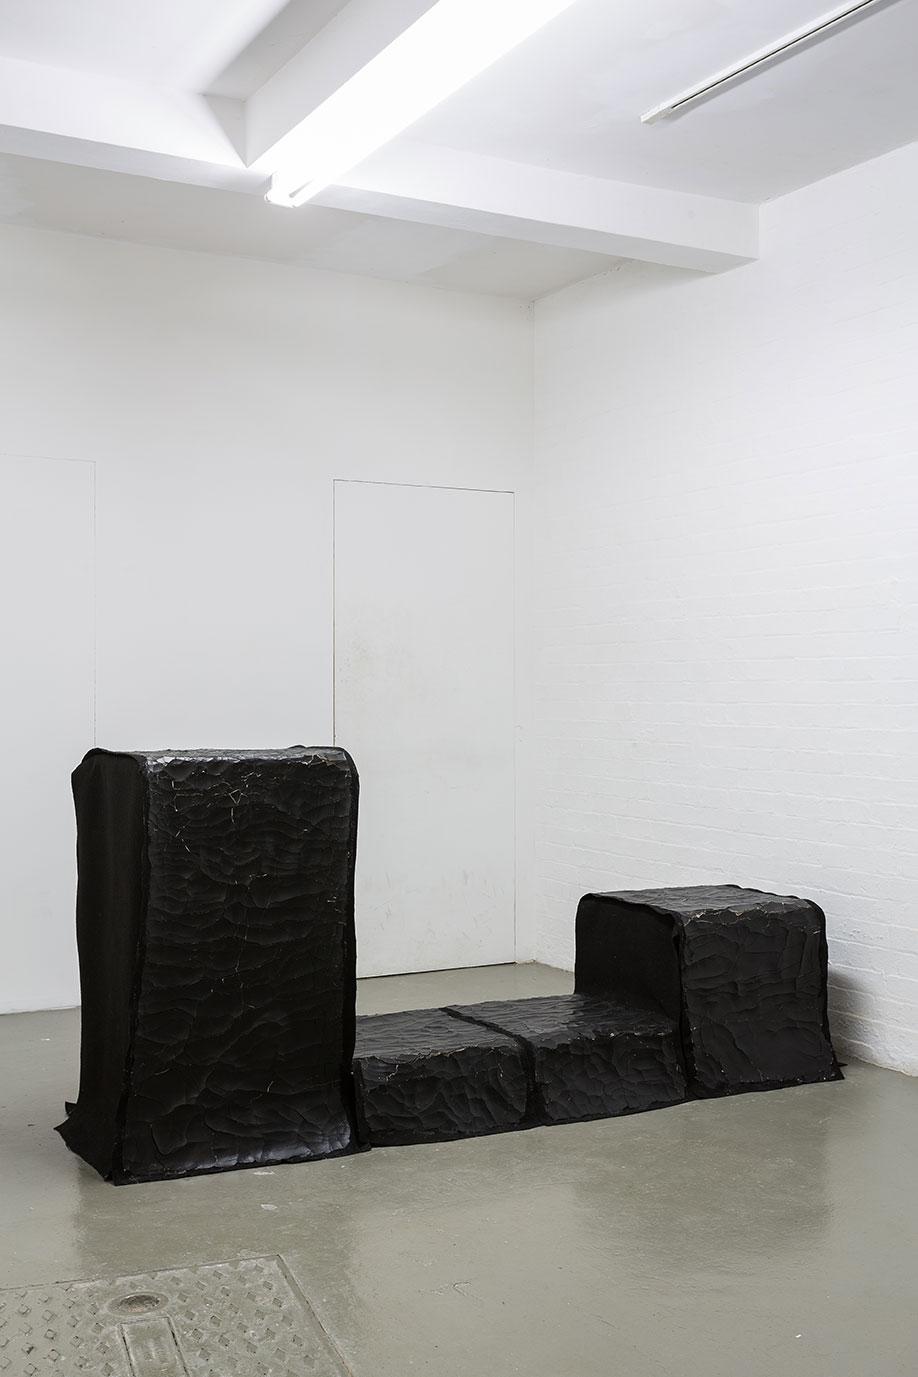 <b>Title:</b>Encrusted Carpet, by Ana Genovés<br /><b>Year:</b>2013<br /><b>Medium:</b>Wood, carpet, clay, paint<br /><b>Size:</b>240 x 98 x 55 cm